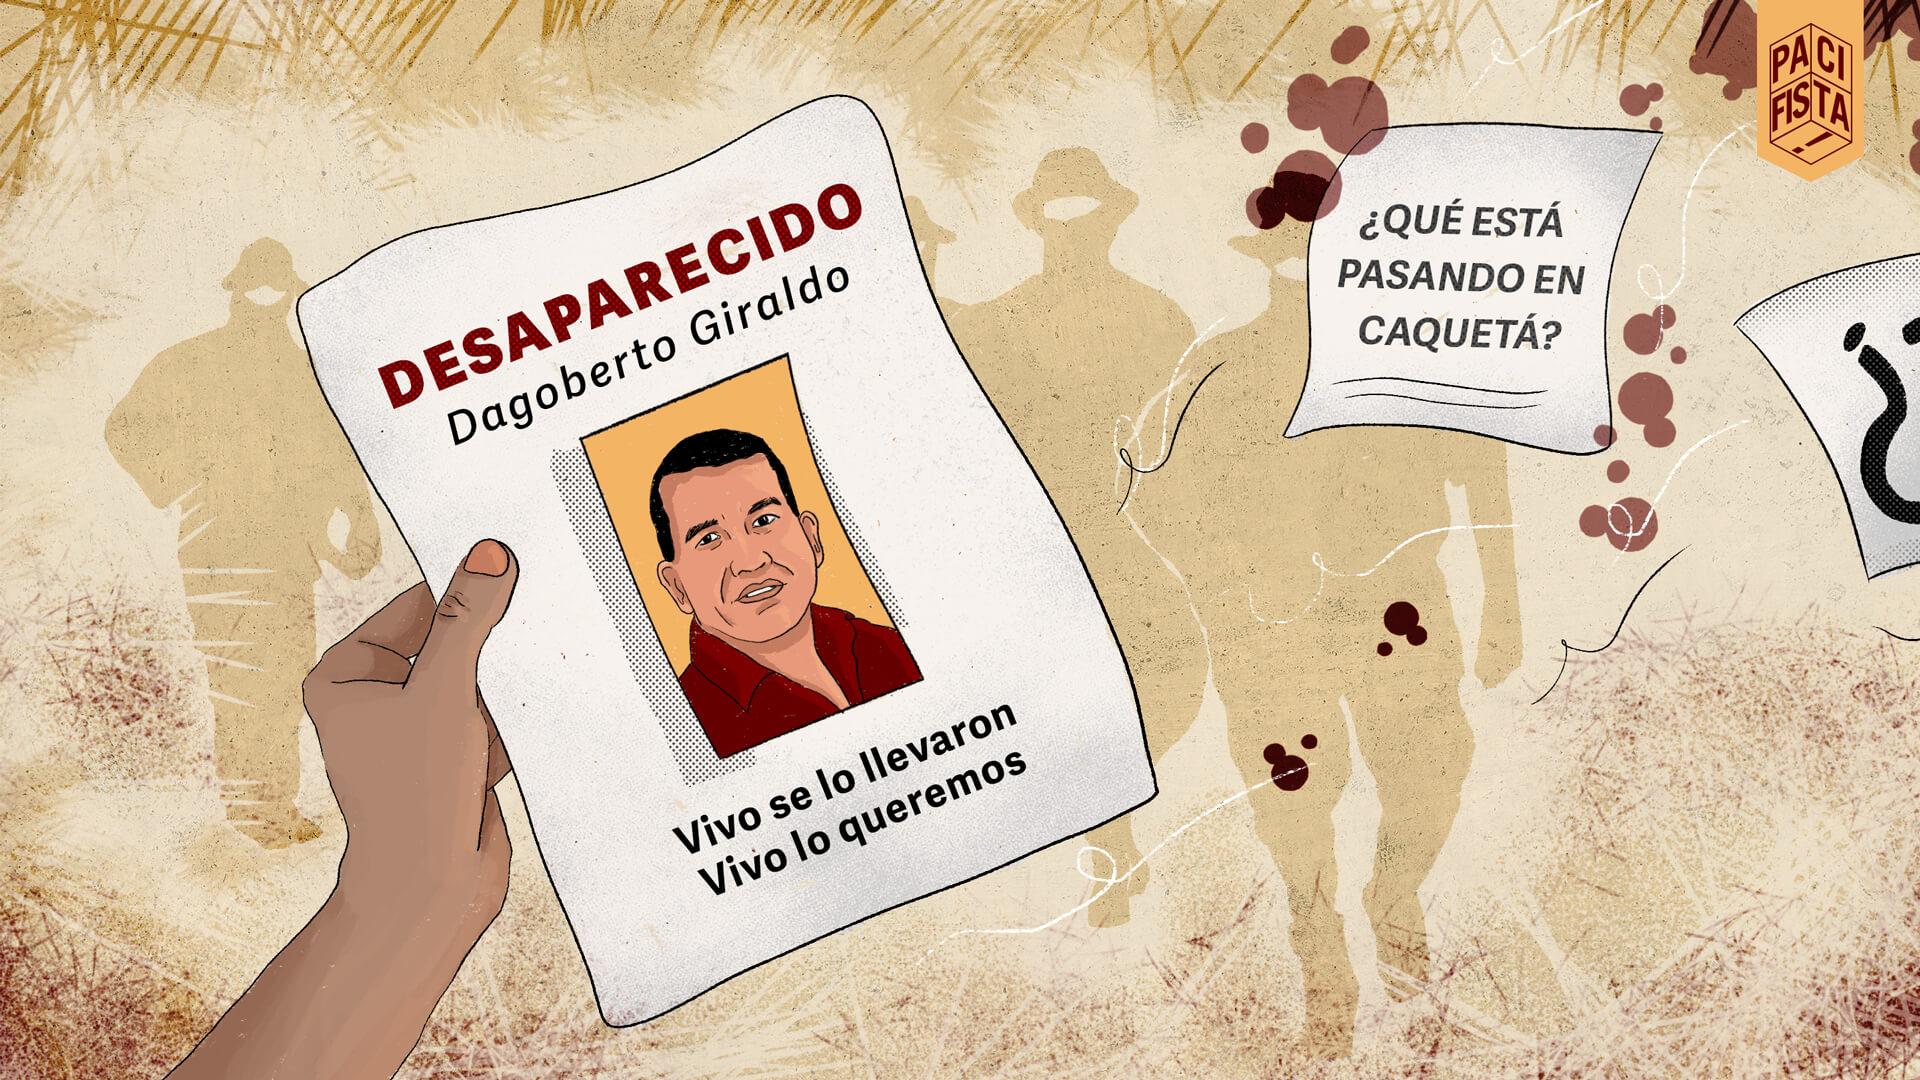 ¿Qué está pasando en Caquetá después del Paro Nacional?: el llamado urgente de lideresas y líderes amenazados